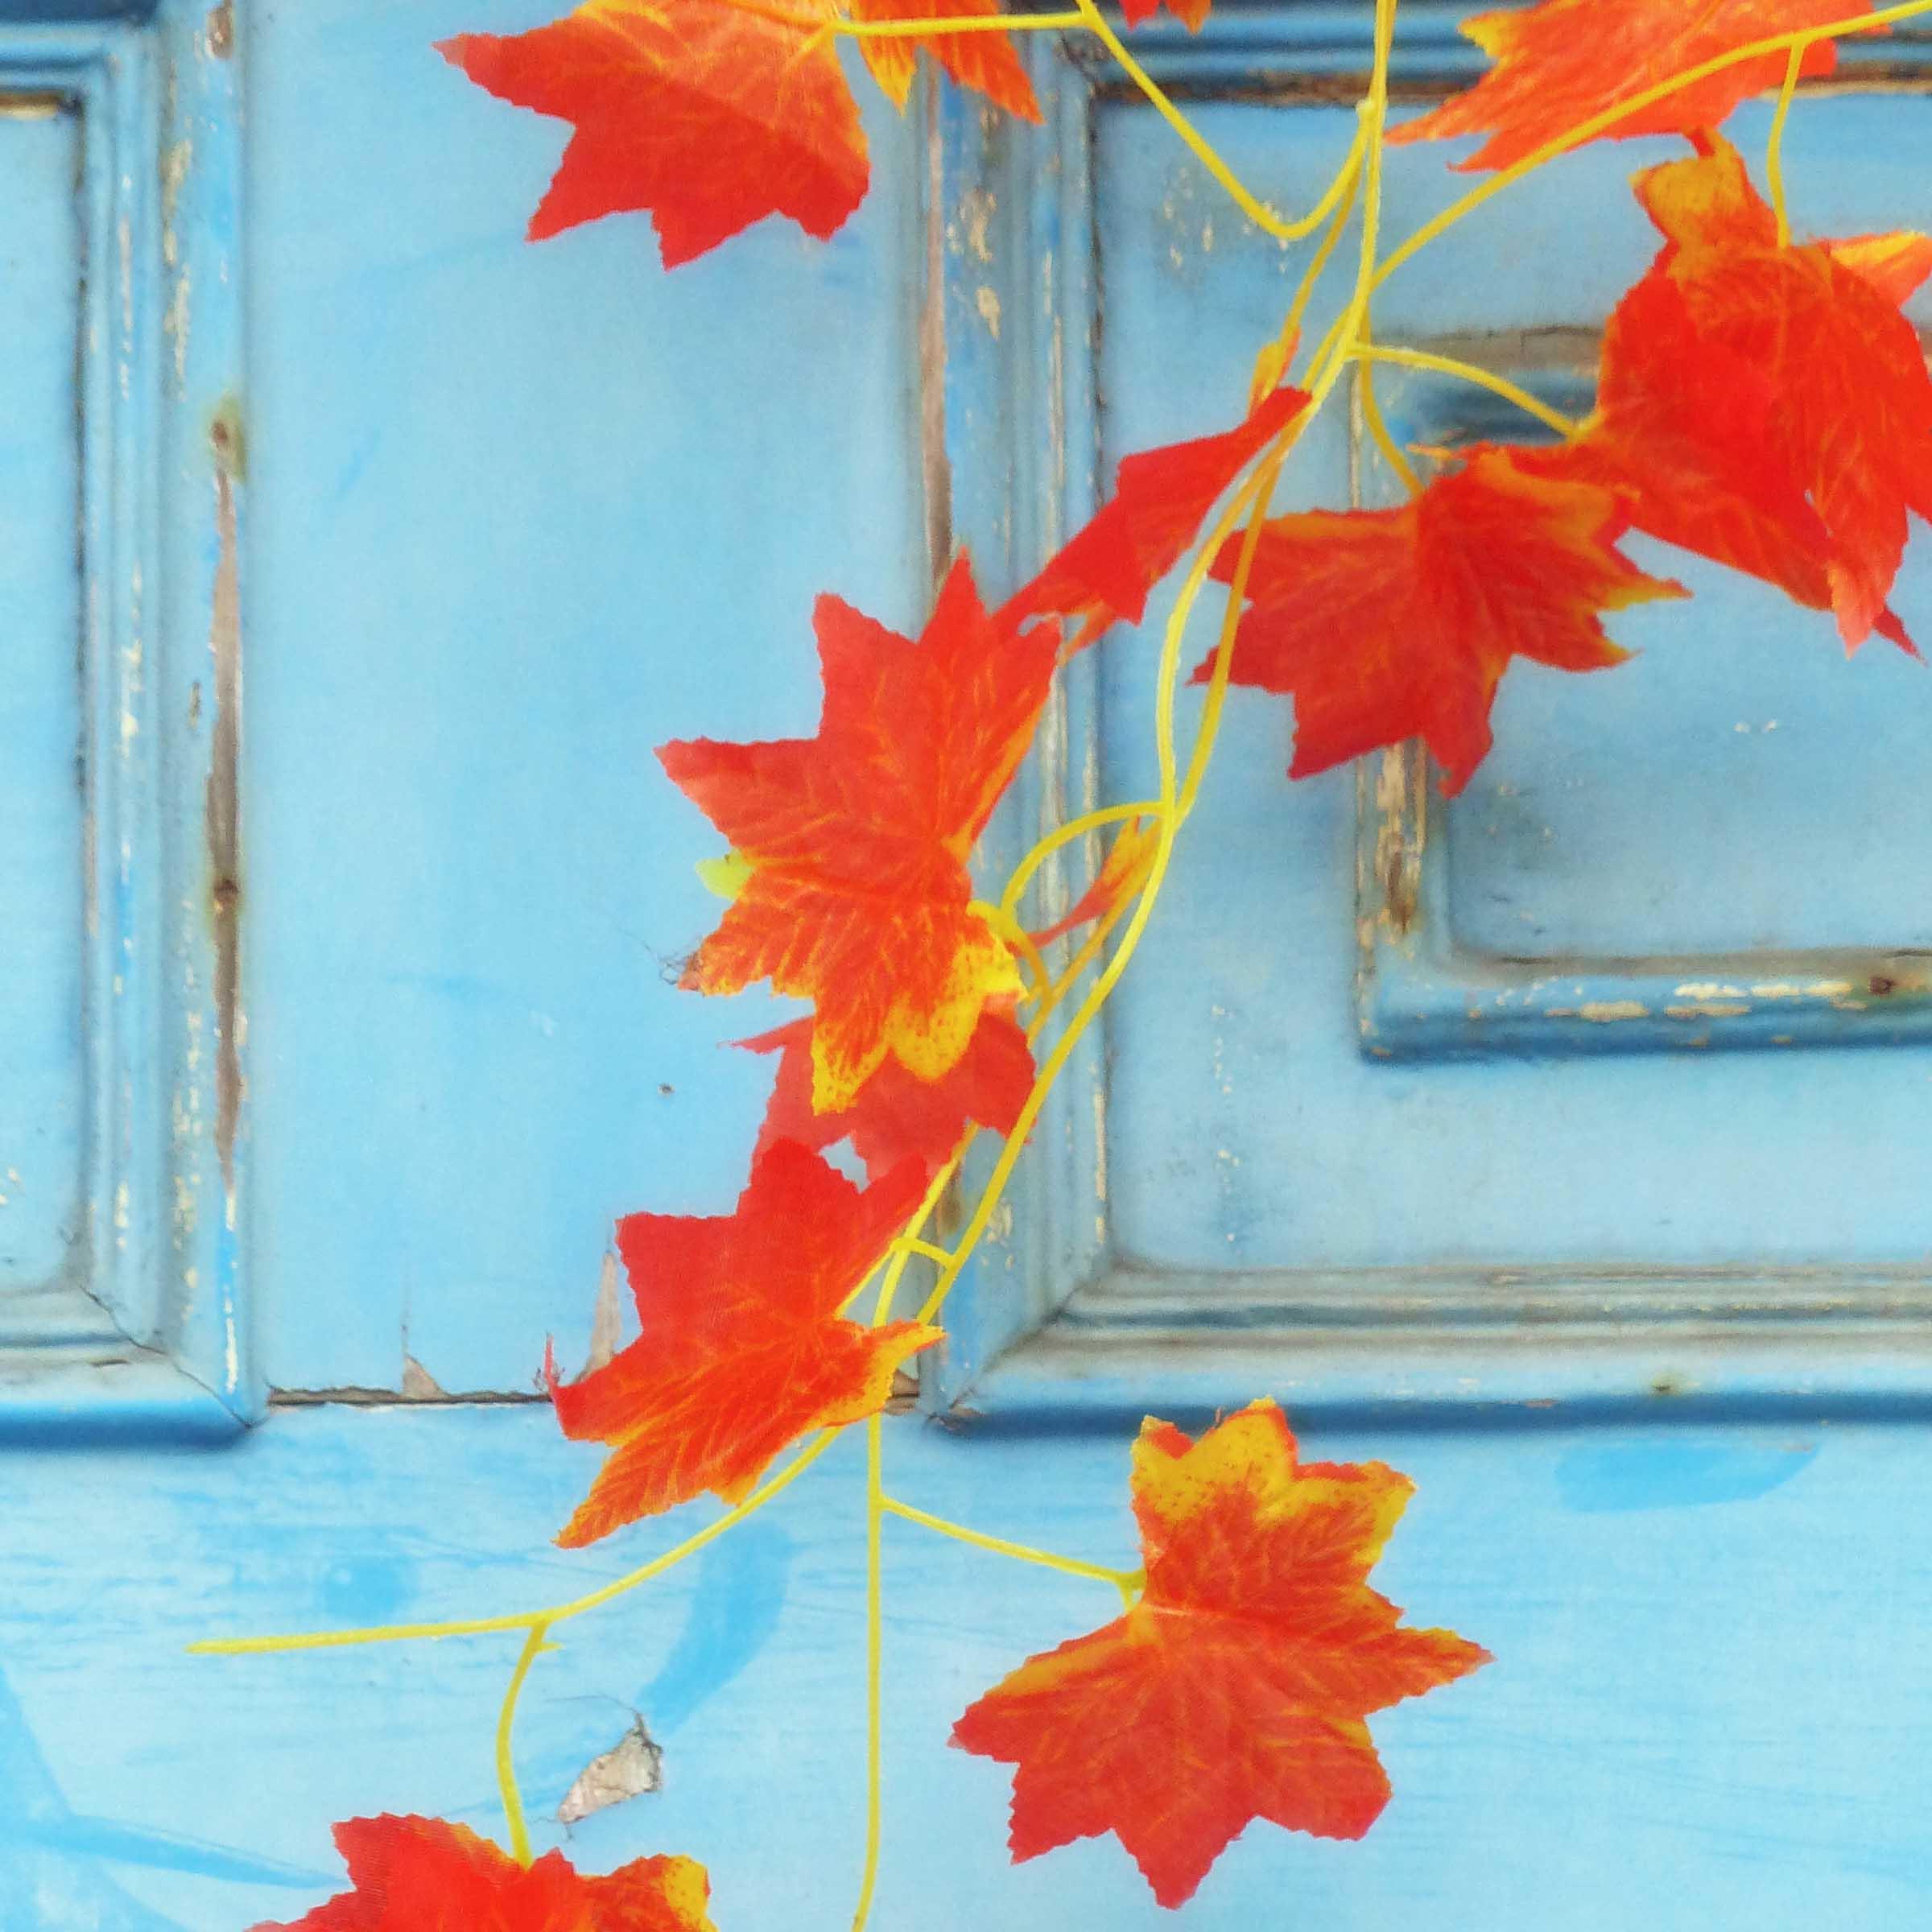 Autumn leaves in front of blue door